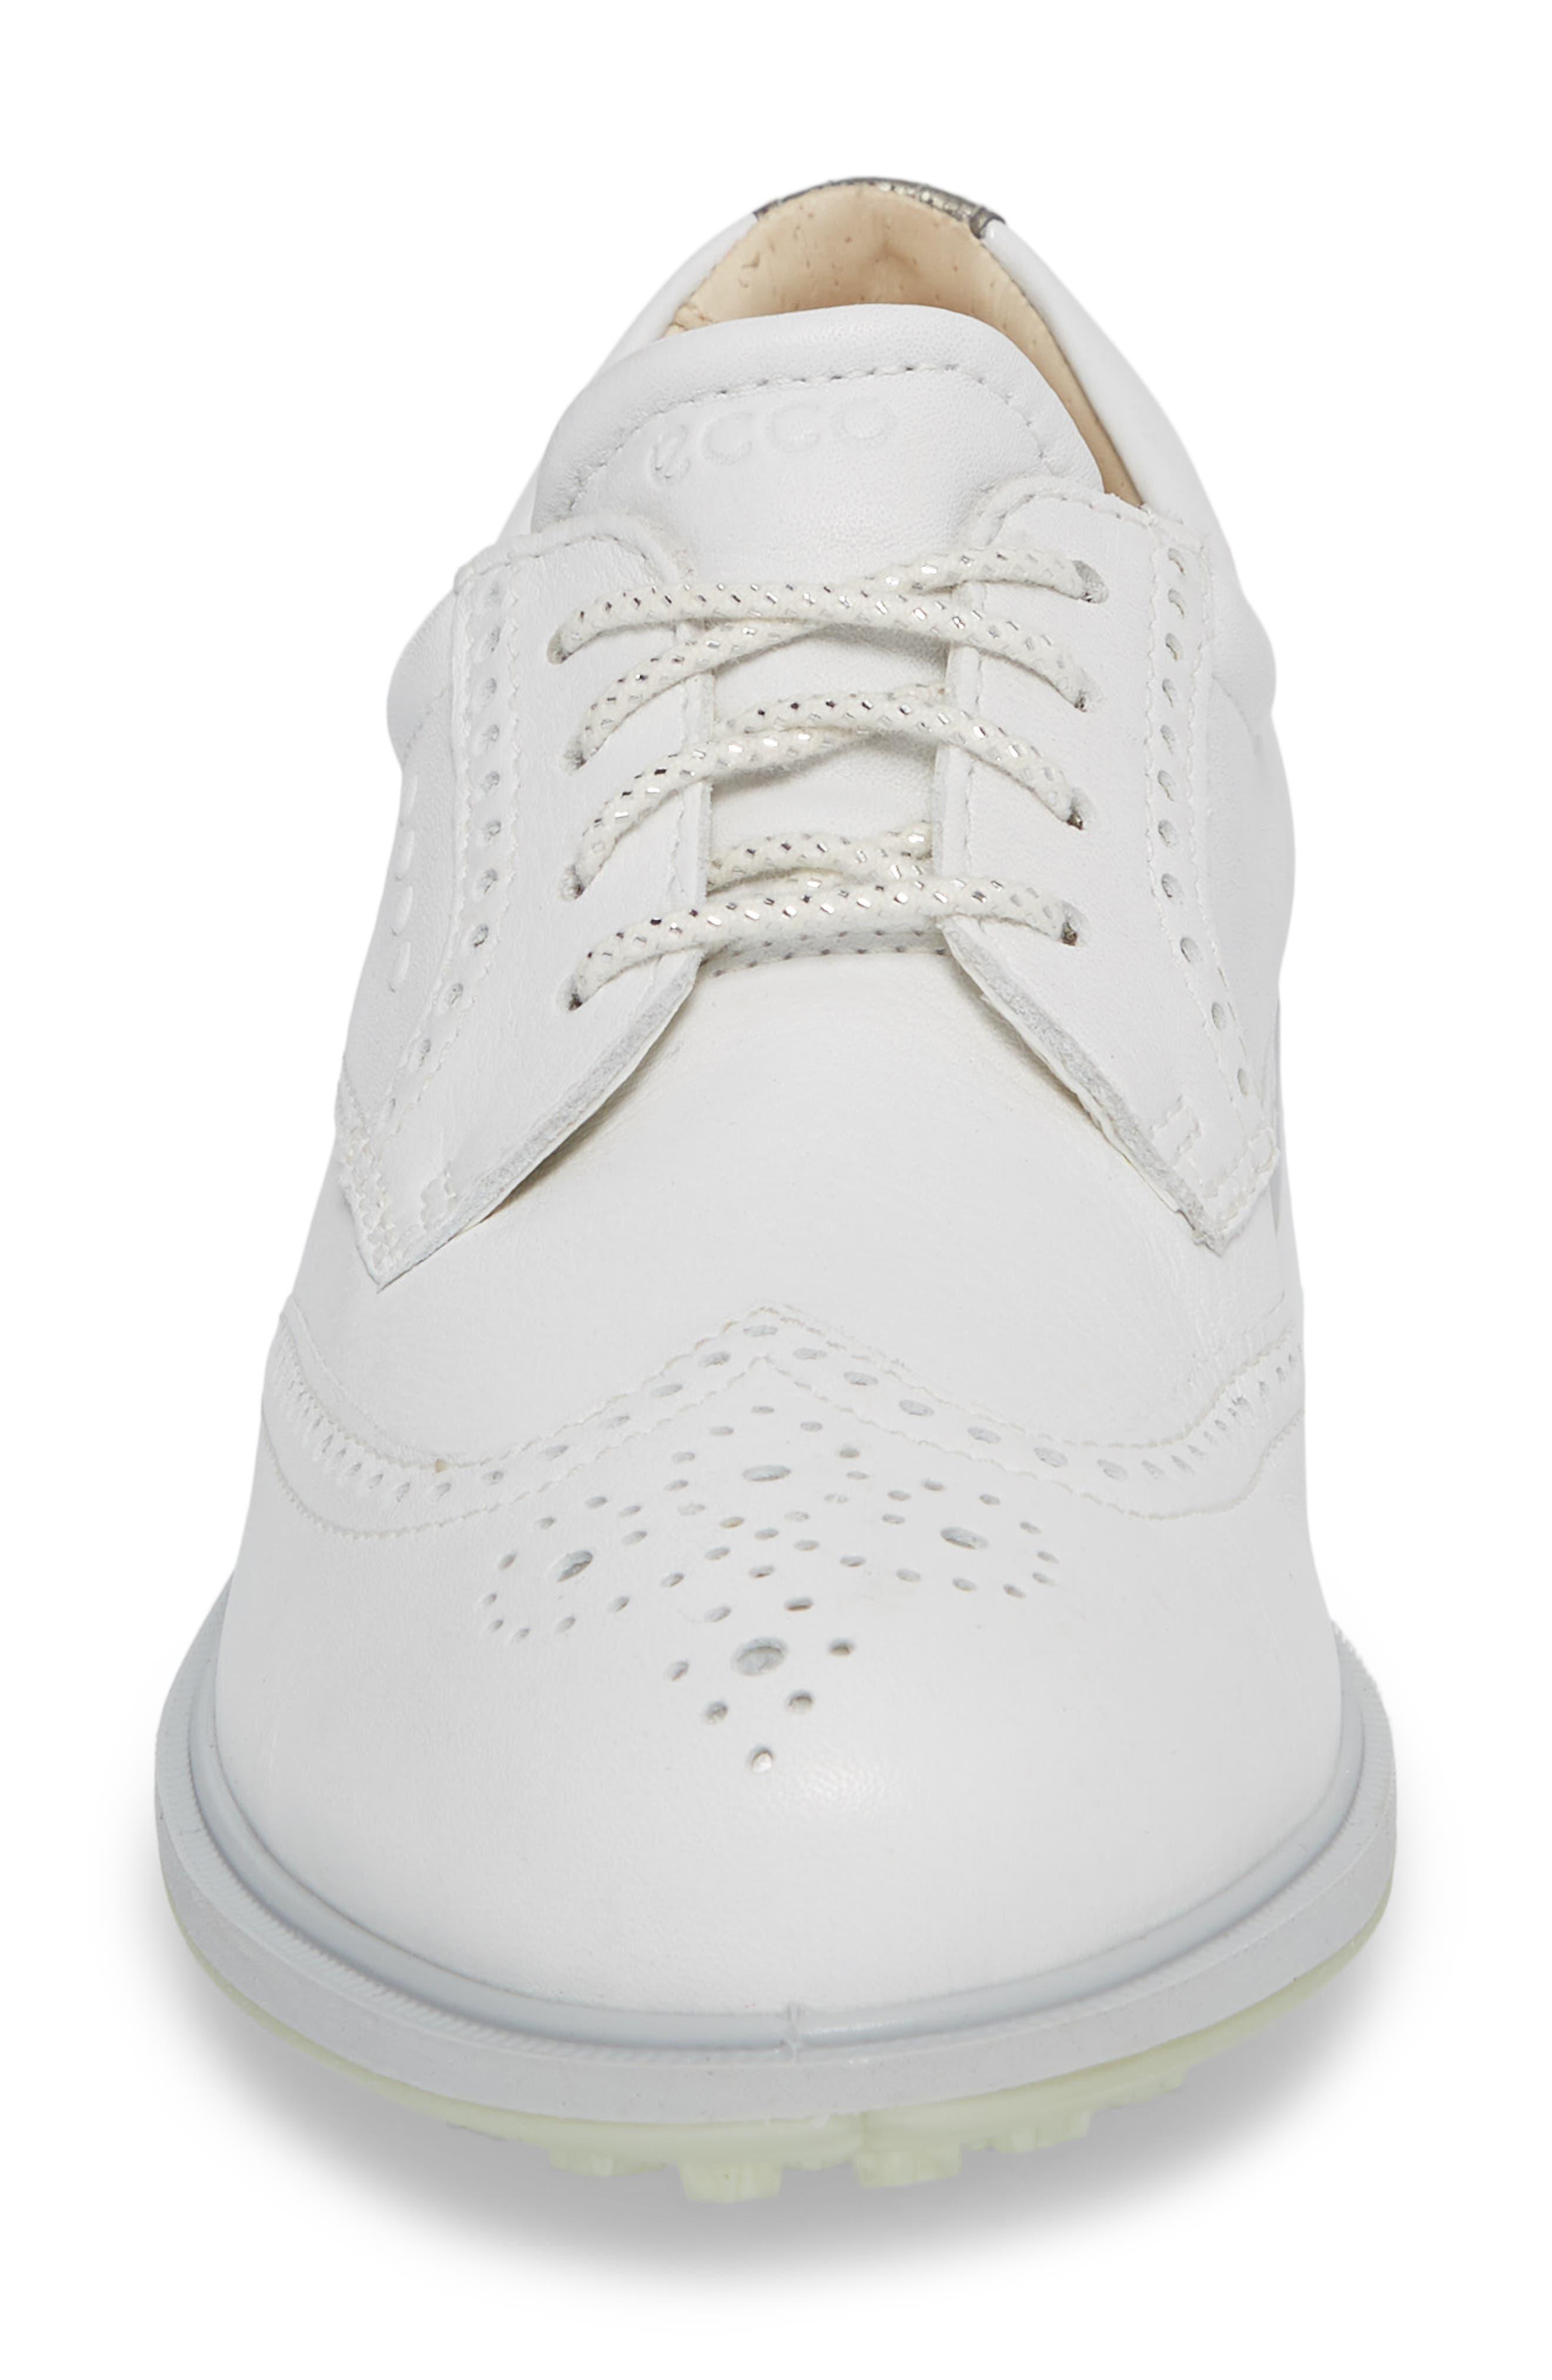 ECCO, 'Tour' Hybrid Wingtip Golf Shoe, Alternate thumbnail 4, color, 100